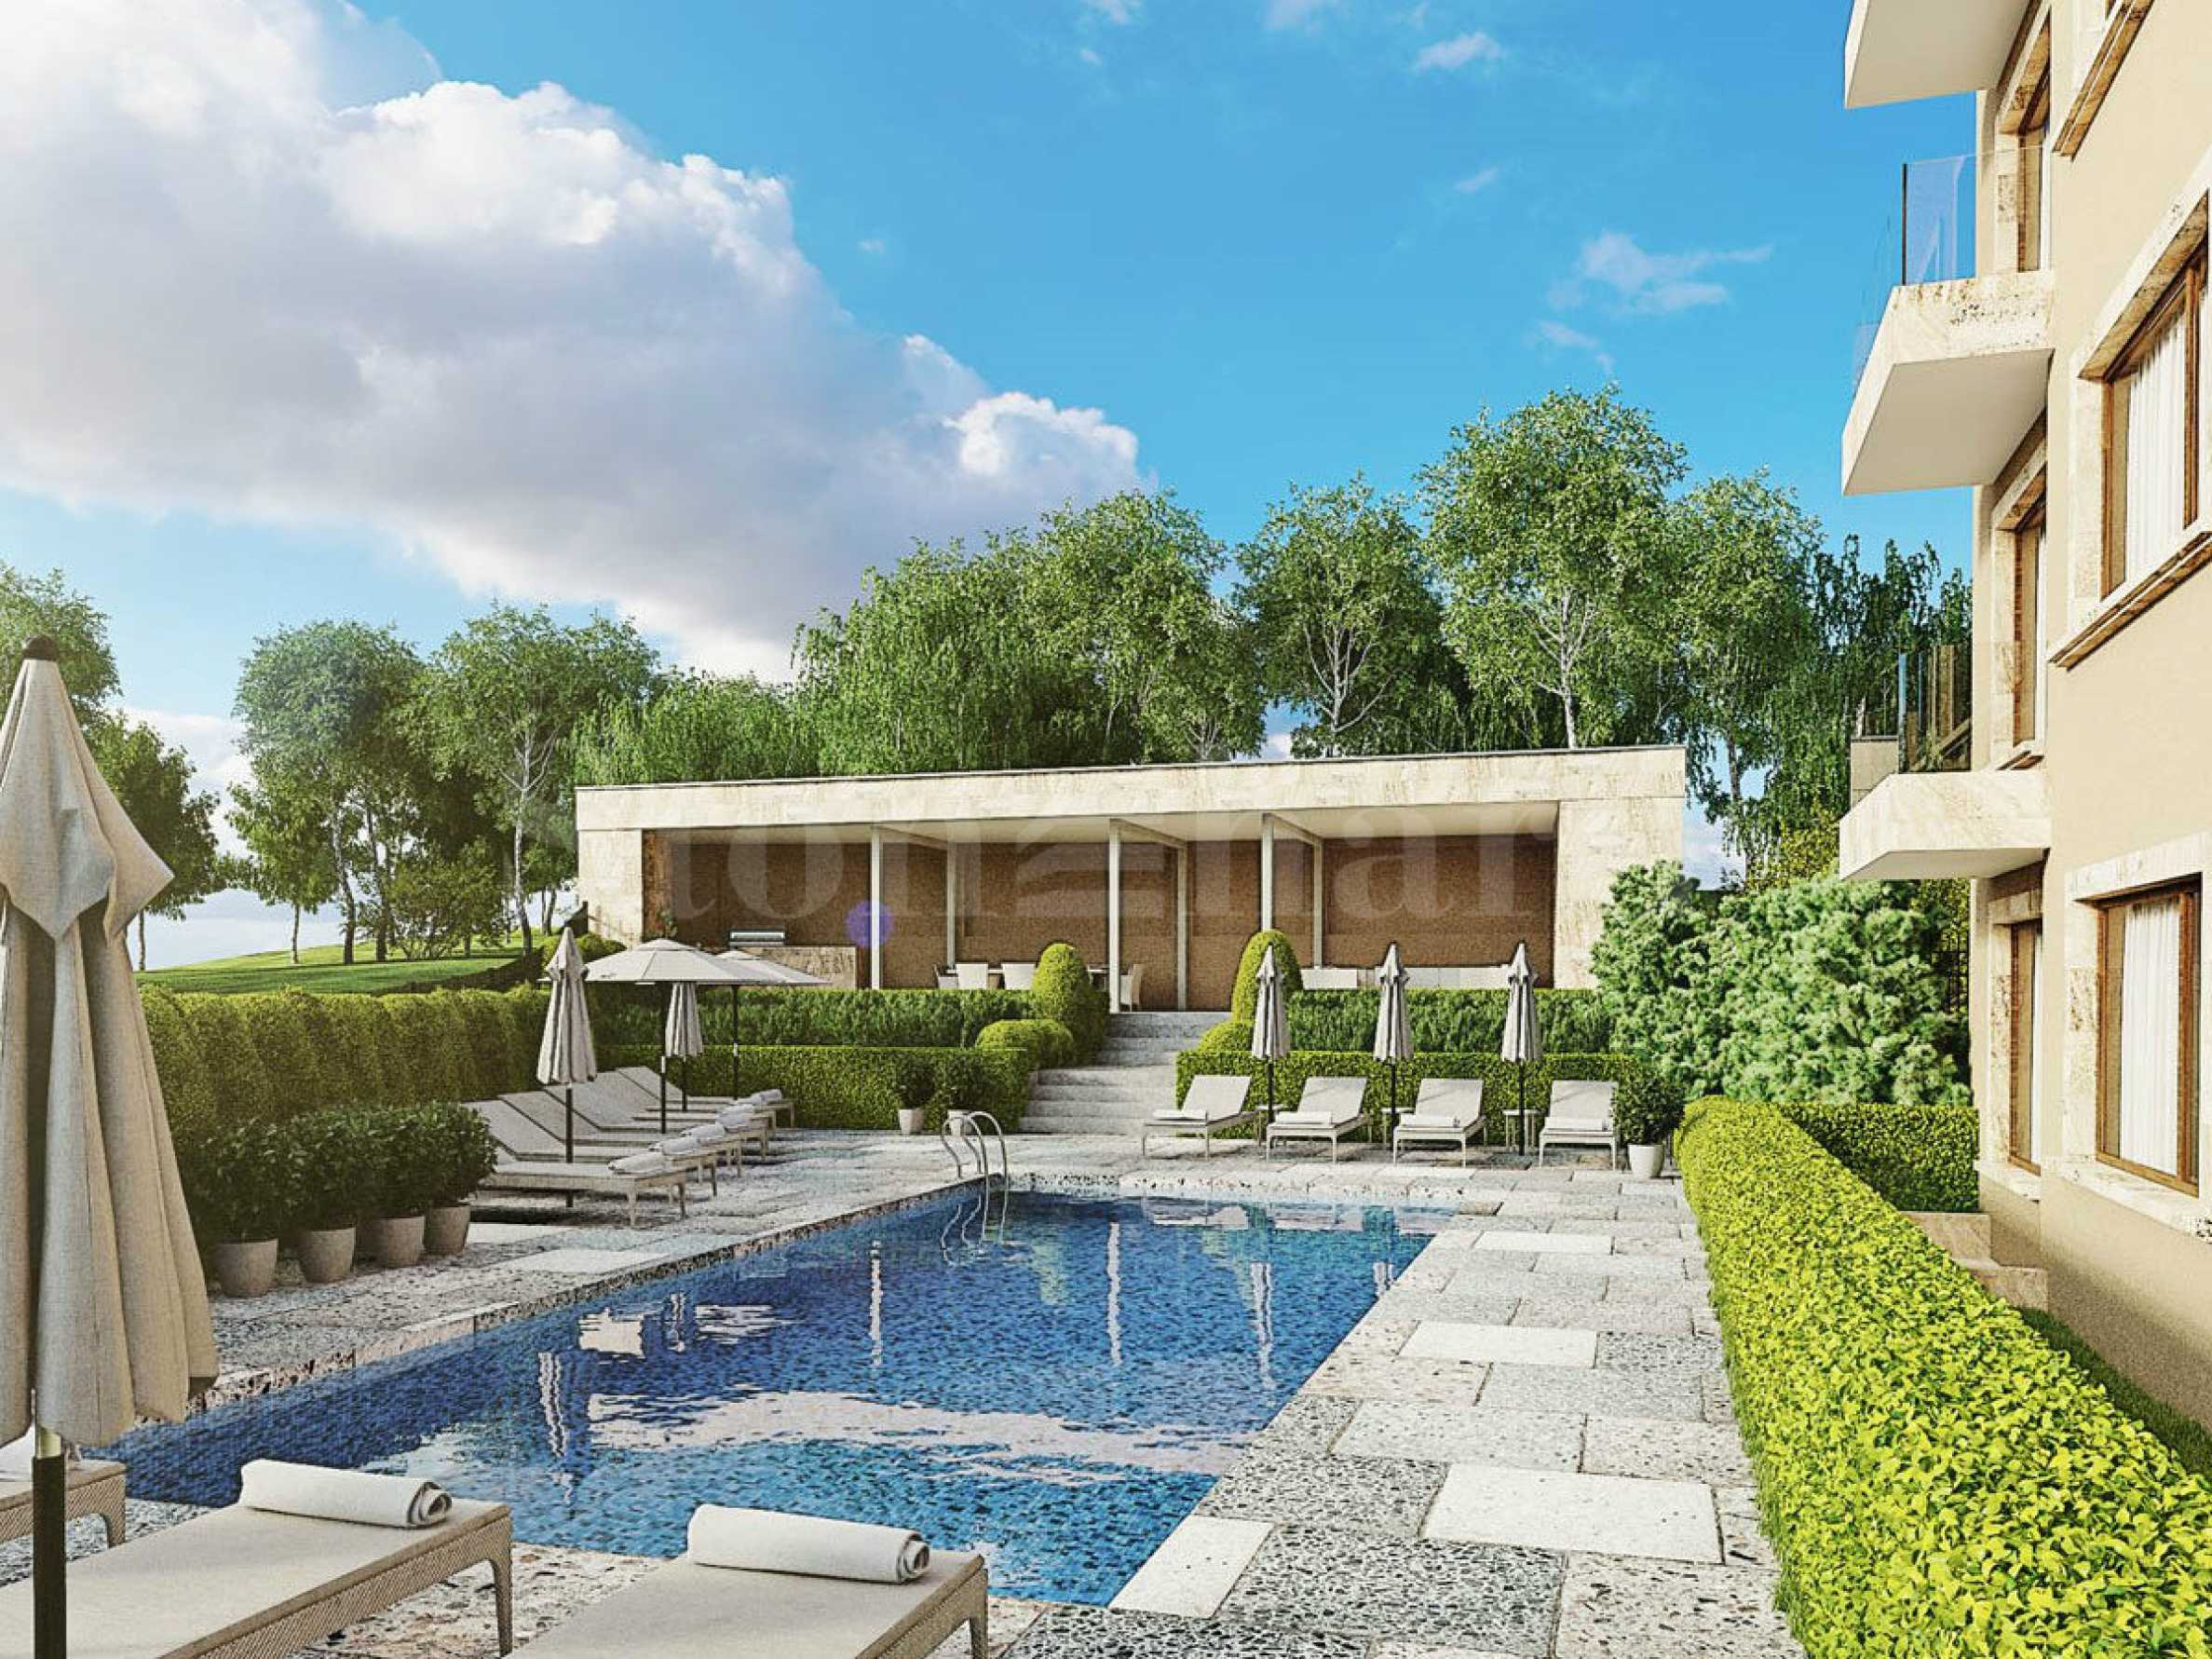 Модерни двустайни и тристайни апартаменти, разположени до к.к. Слънчев ден2 - Stonehard